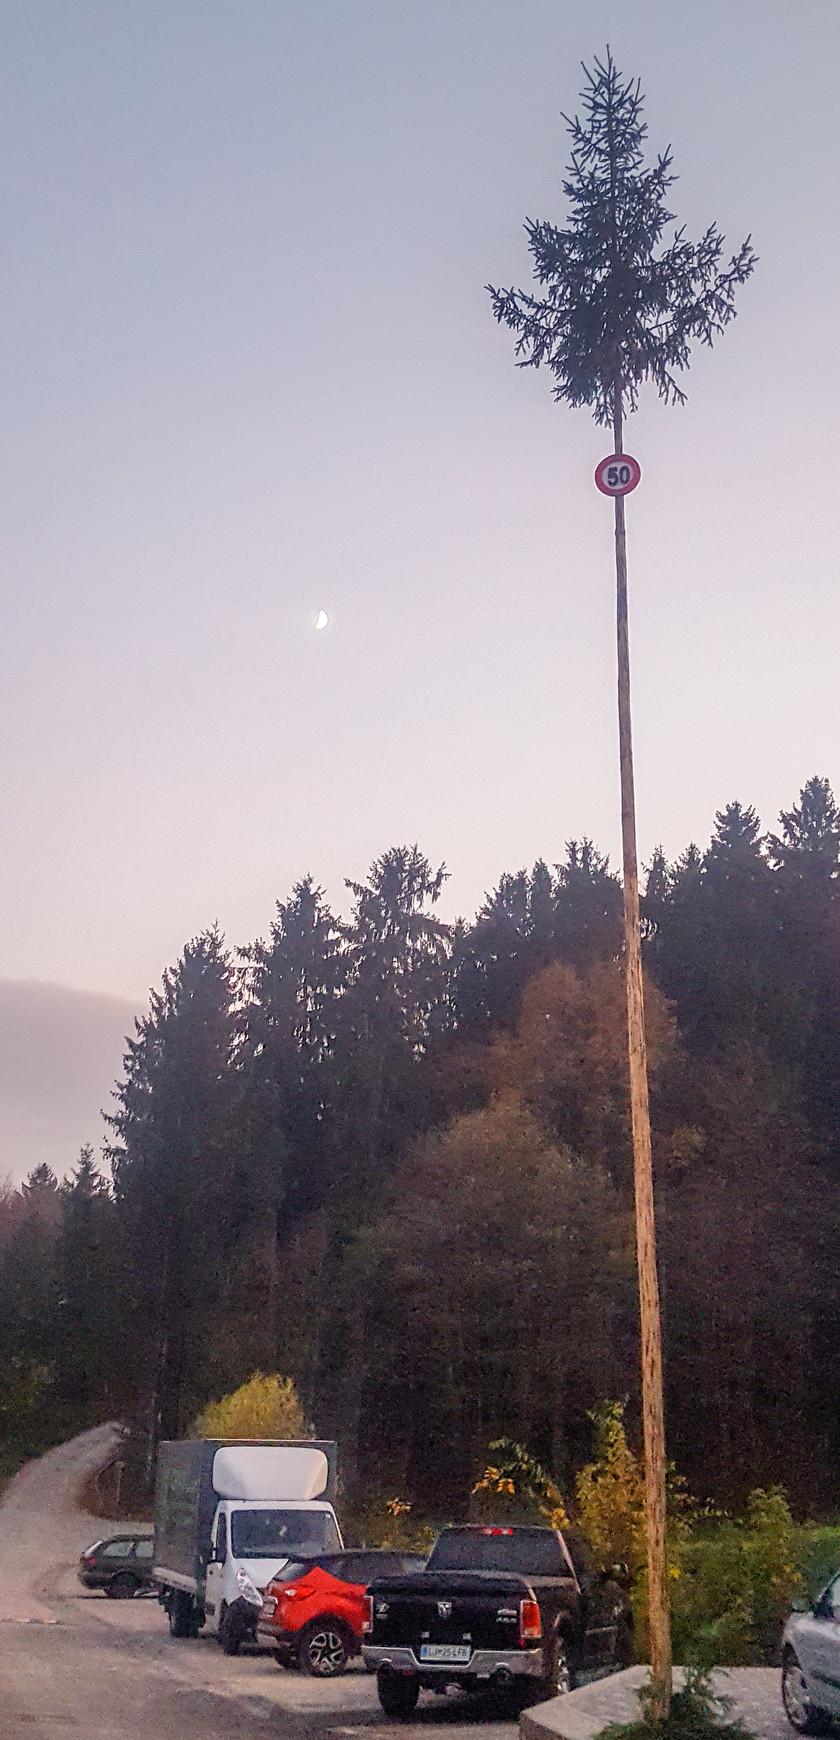 En Slovénie, certains panneaux routiers sont insolites